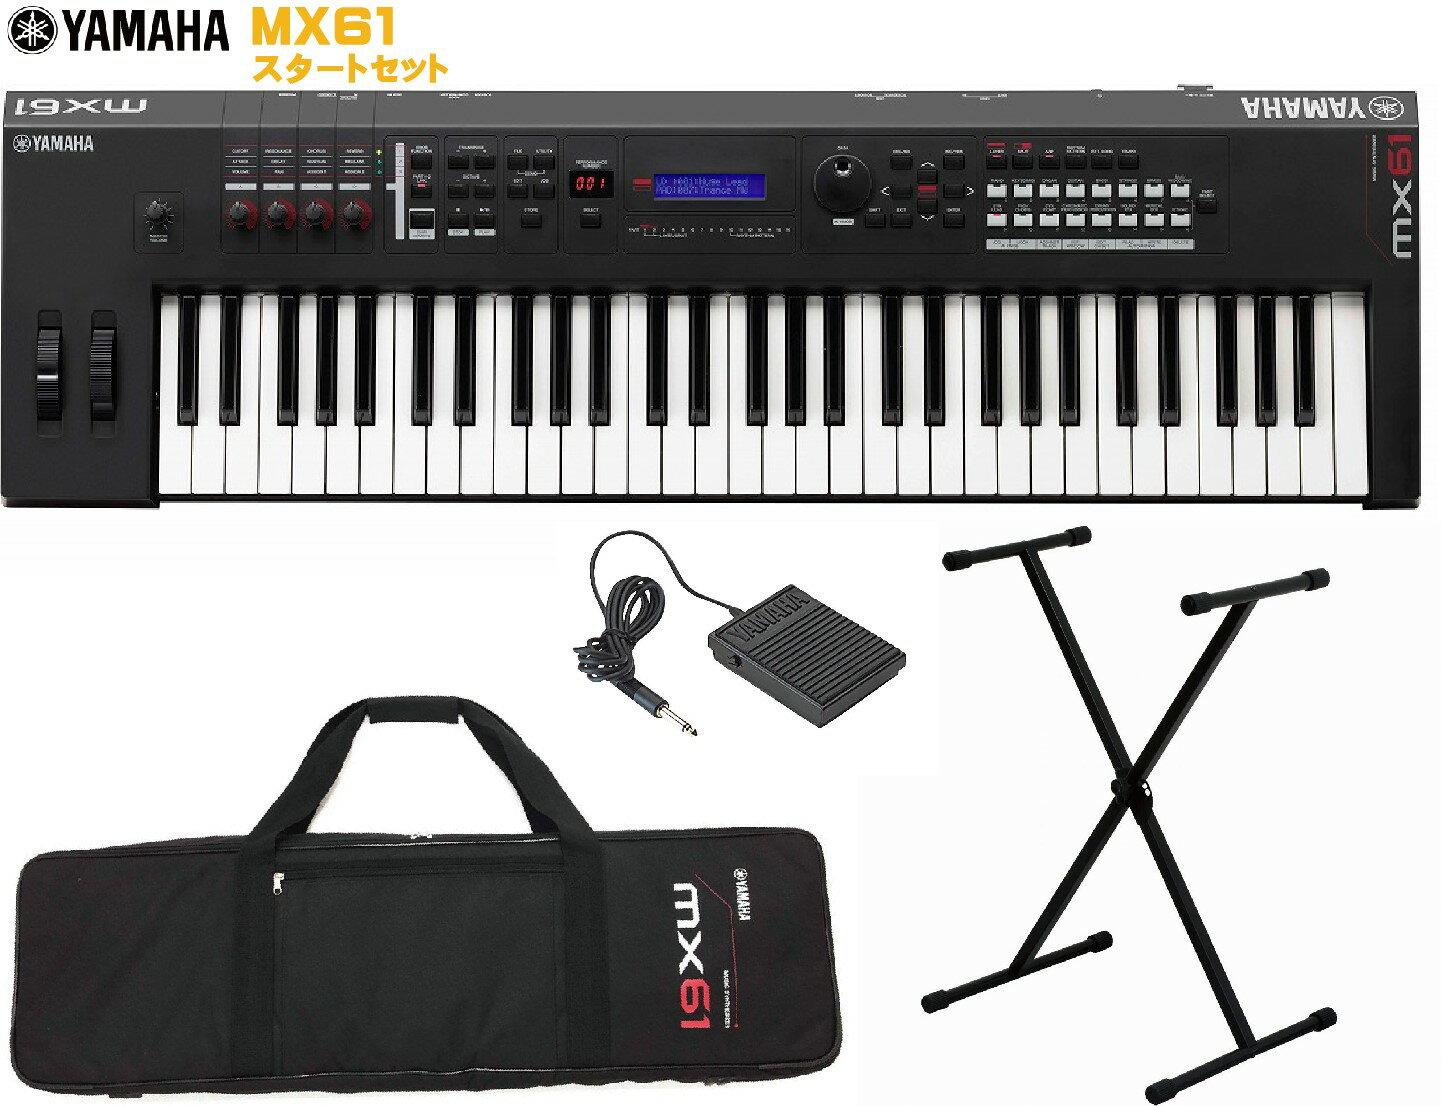 ピアノ・キーボード, キーボード・シンセサイザー YAMAHA MX61 BK synthesizer